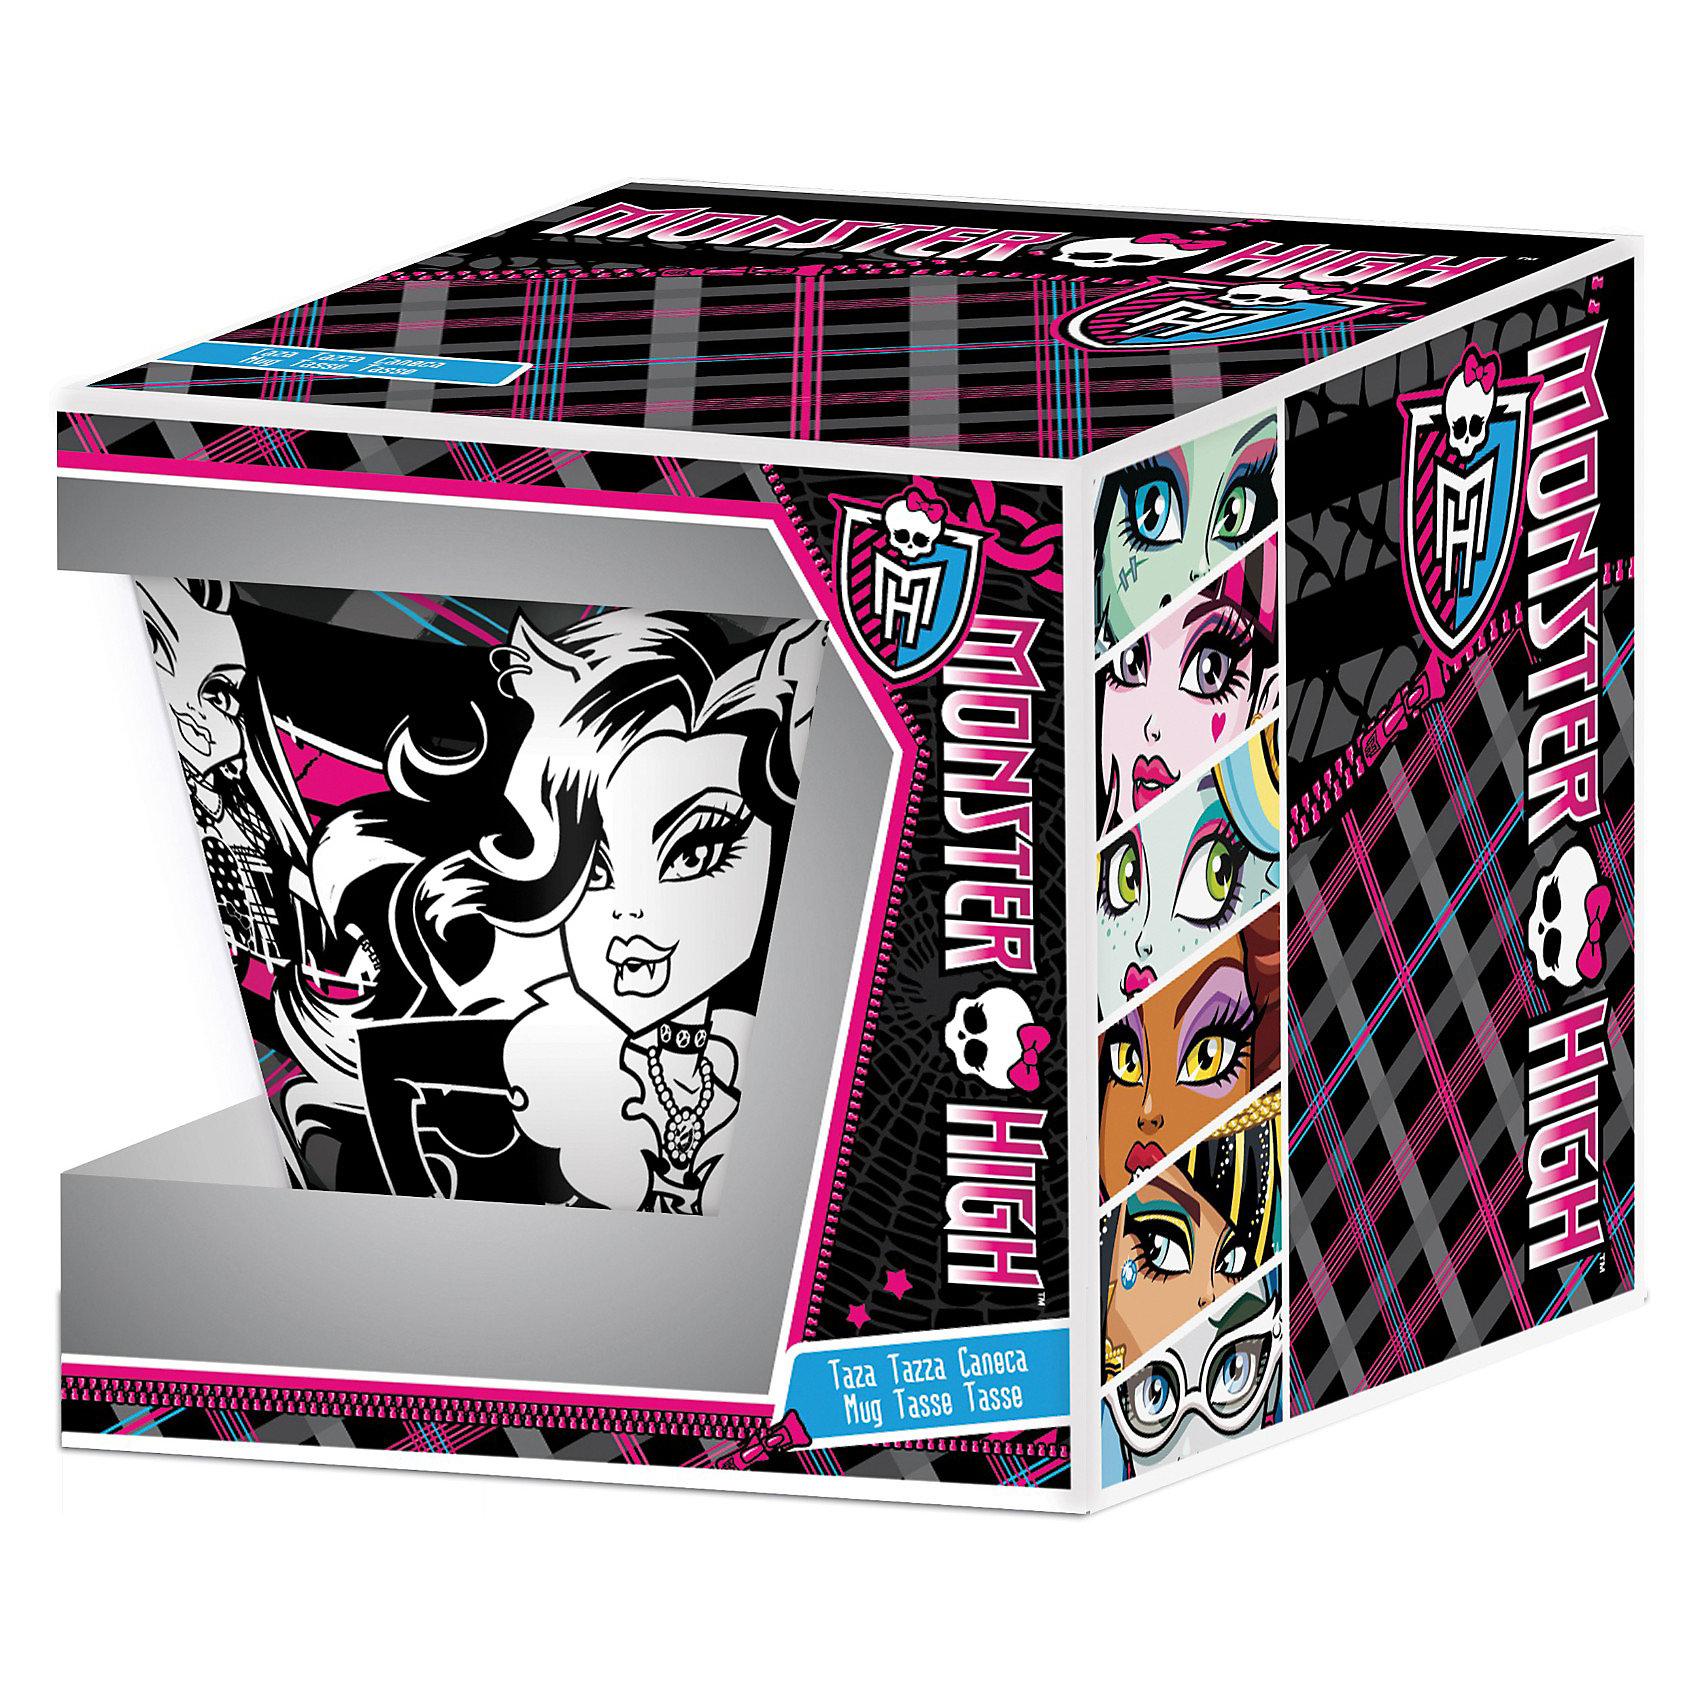 Кружка керамическая в подарочной упаковке, Monster High, 400 млЯркая большая детская кружка с изображением популярных Monster High.  Героини изображены с двух сторон кружки. Кружка представлена в красочной подарочной упаковке. <br><br>Дополнительная информация:<br><br> Материалы: керамика. <br>Объем: 400 мл. <br>Размер упаковки: 12x9x11 см. <br>Для детей: от 3 лет. <br>Удобно держать в руках.<br><br>Оригинальная  кружка сделает каждое чаепитие  Вашей девочки праздником и послужит хорошим подарком любому ребенку.<br><br>Ширина мм: 115<br>Глубина мм: 85<br>Высота мм: 105<br>Вес г: 400<br>Возраст от месяцев: 36<br>Возраст до месяцев: 156<br>Пол: Женский<br>Возраст: Детский<br>SKU: 3248295